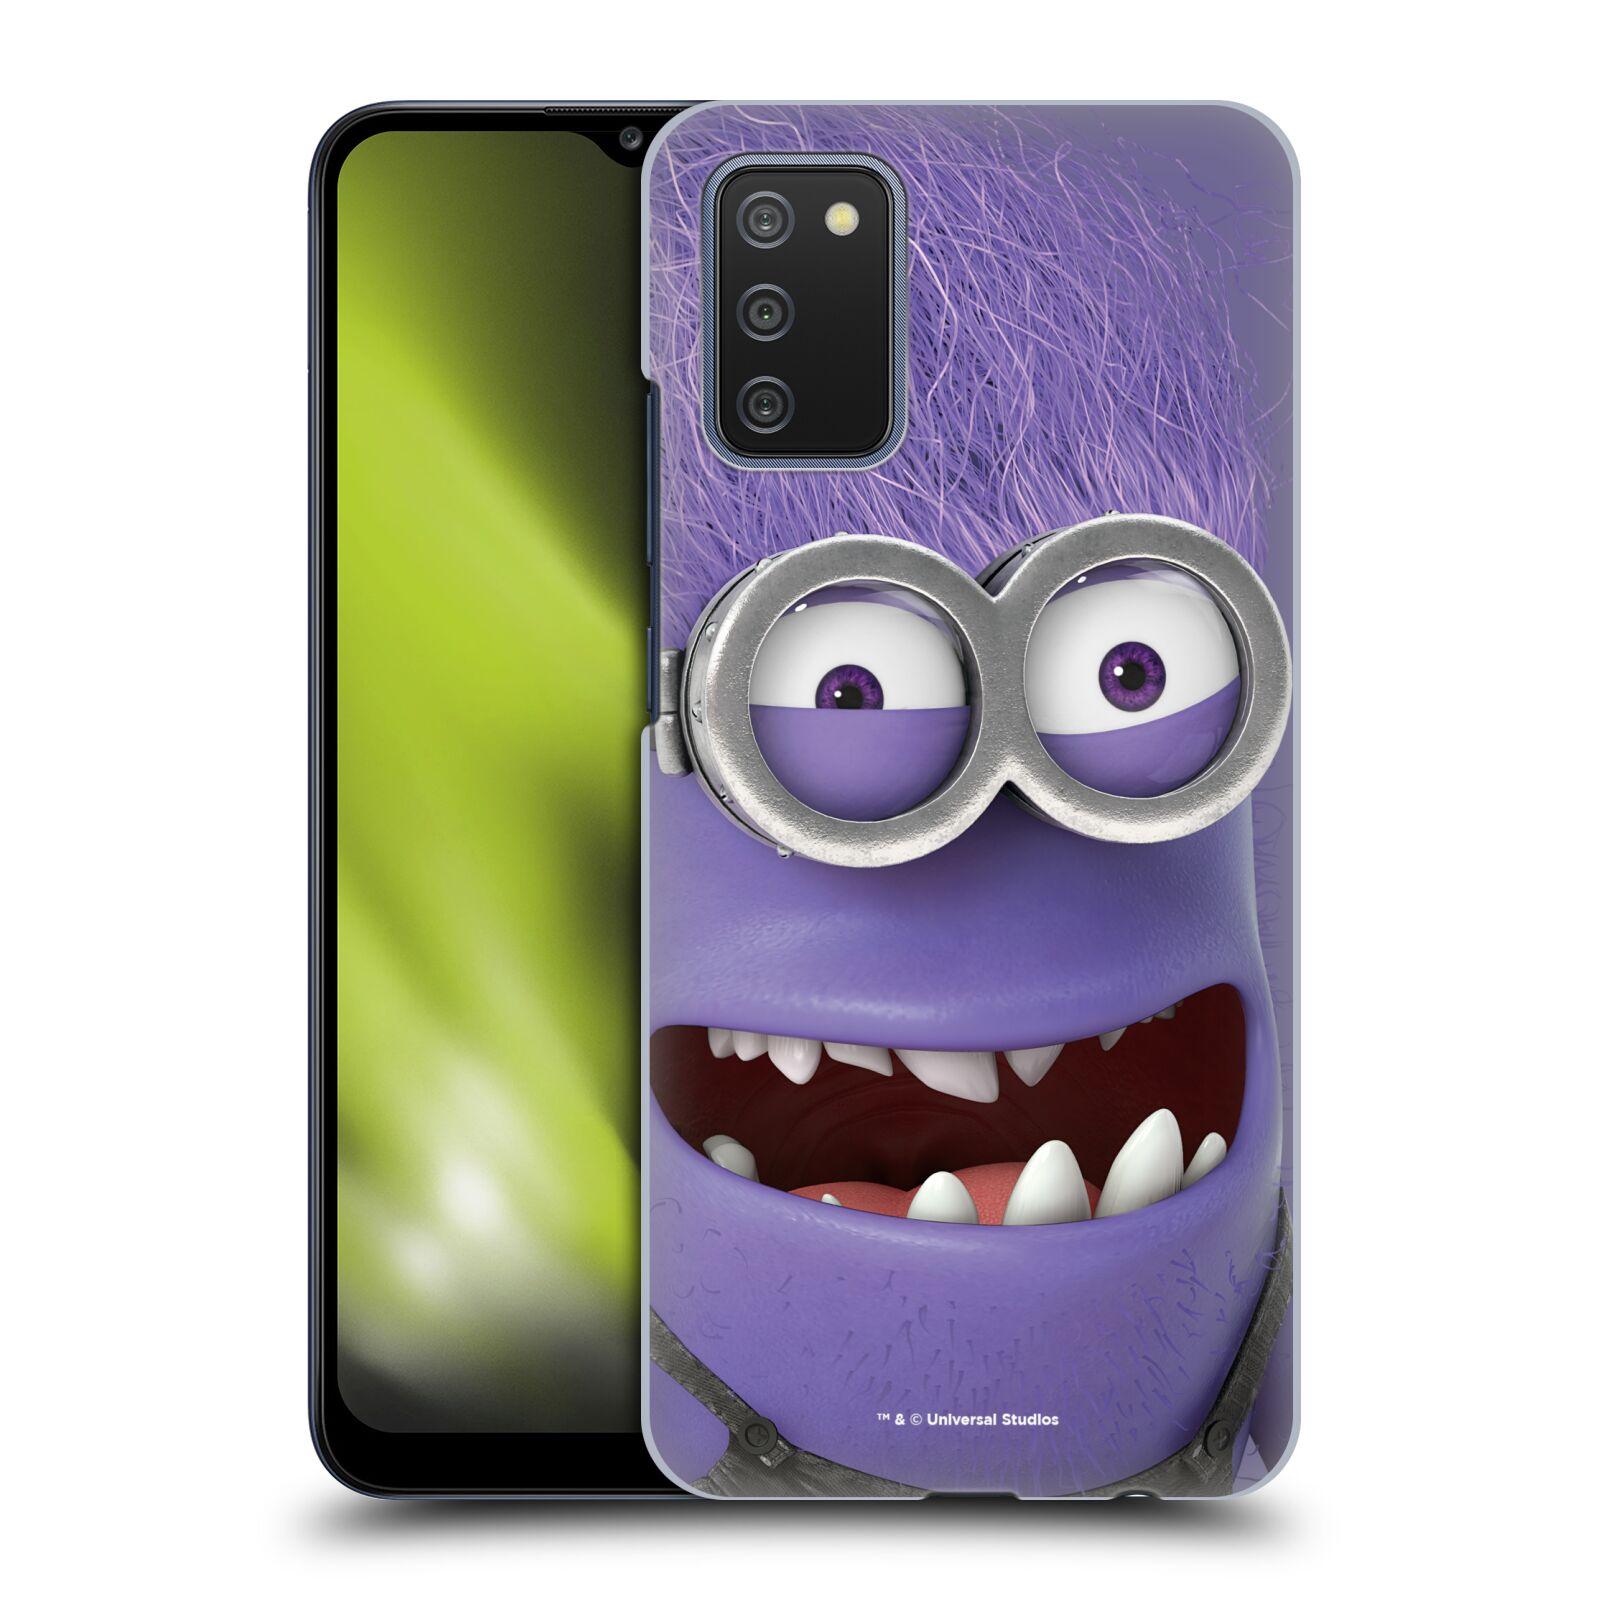 Plastové pouzdro na mobil Samsung Galaxy A02s - Head Case - Zlý Mimoň z filmu Já, padouch - Despicable Me